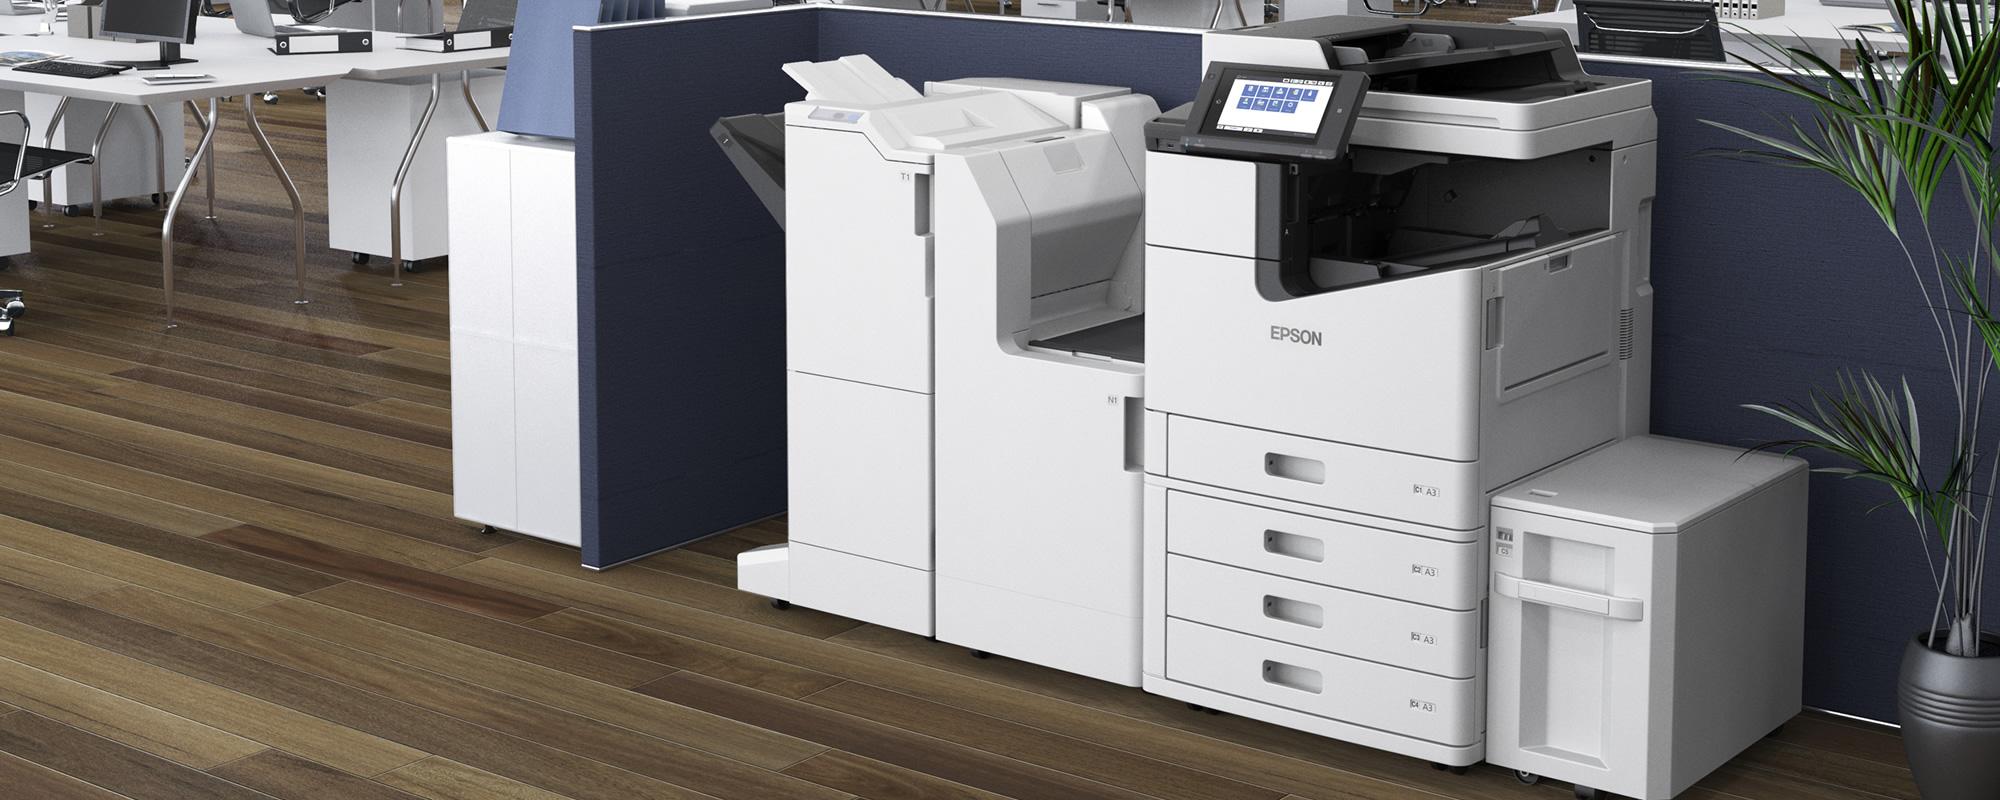 Impresora para oficina tecnofim comprar al mejor precio for Oficinas enterprise